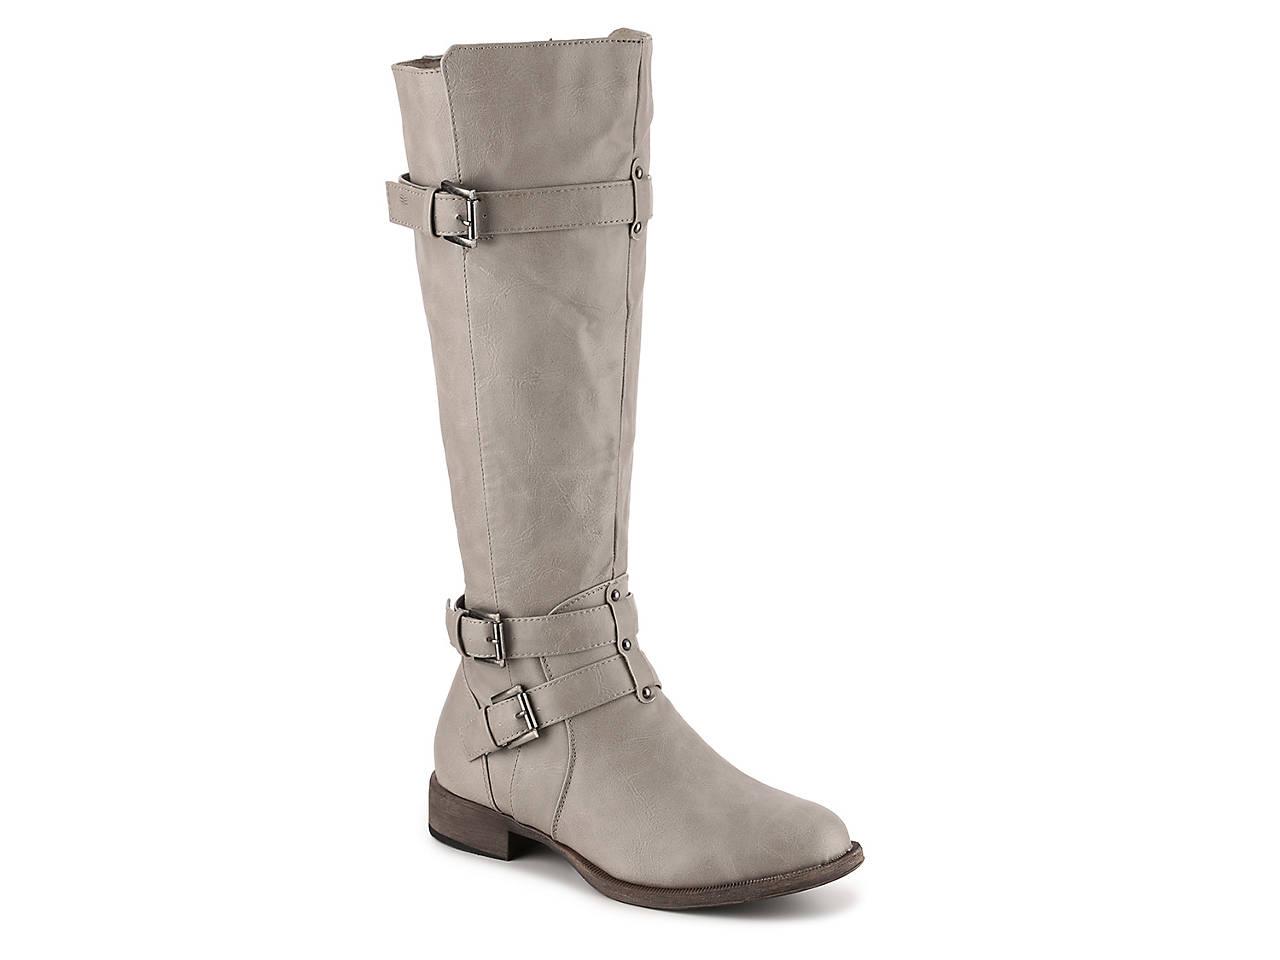 Journee Collection Bite ... Women's Tall Boots rIYyJxSpfH